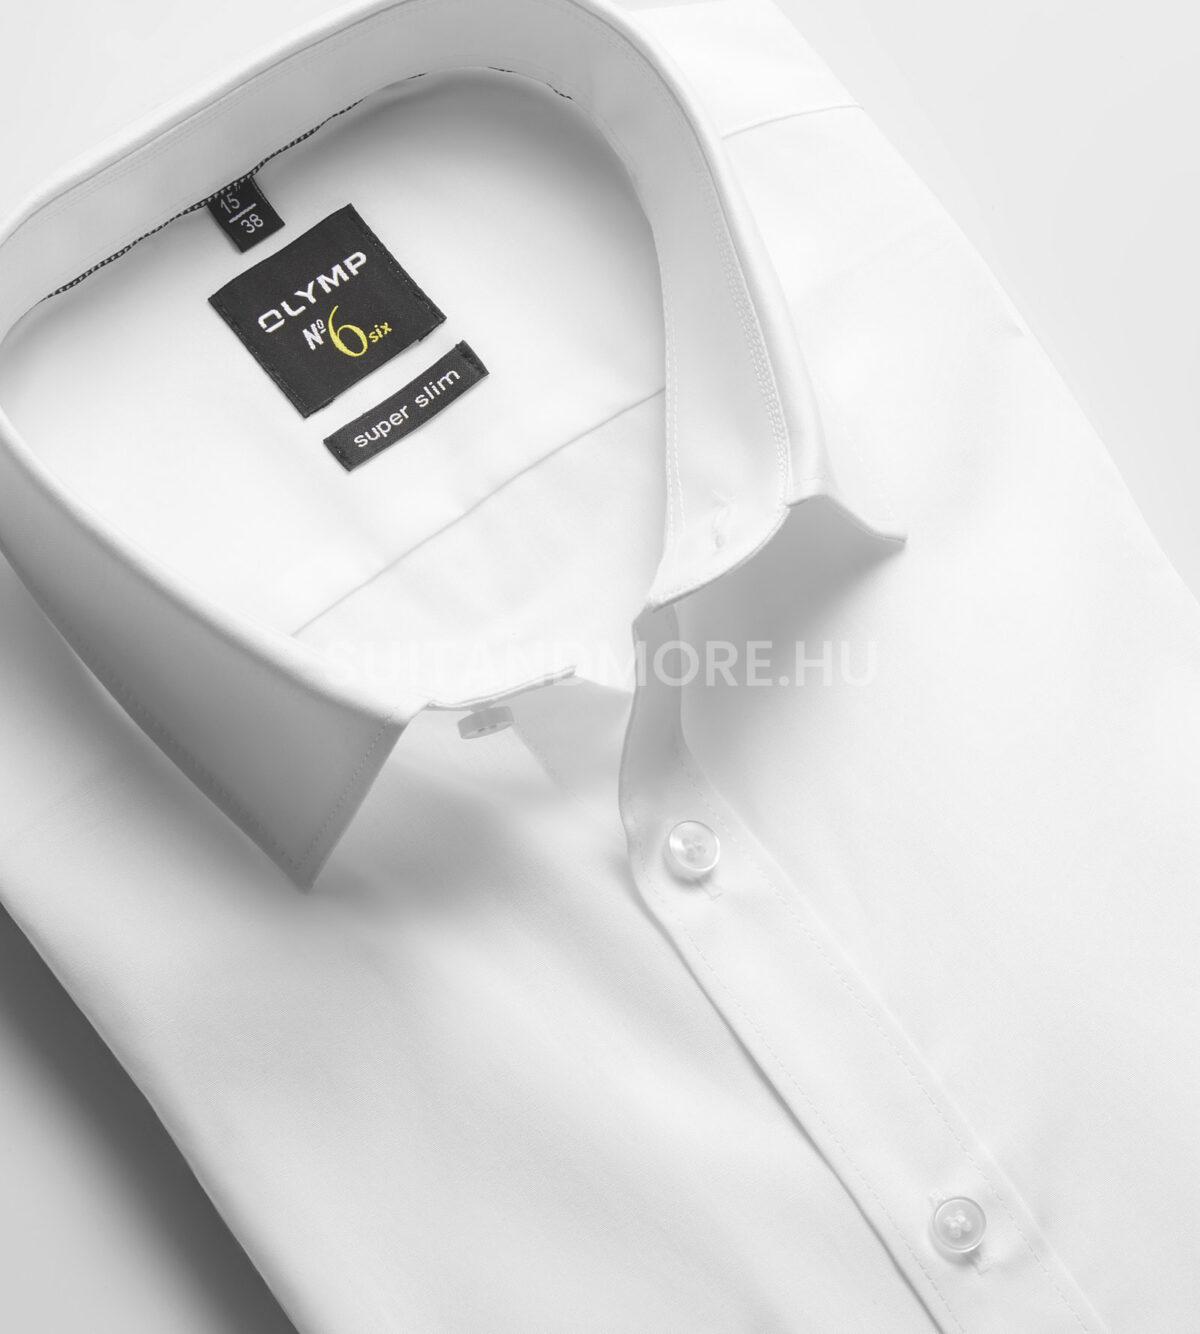 OLYMP-fehér-extra-slim-fit-vasaláskönnyített-ing-0466-64-00-02